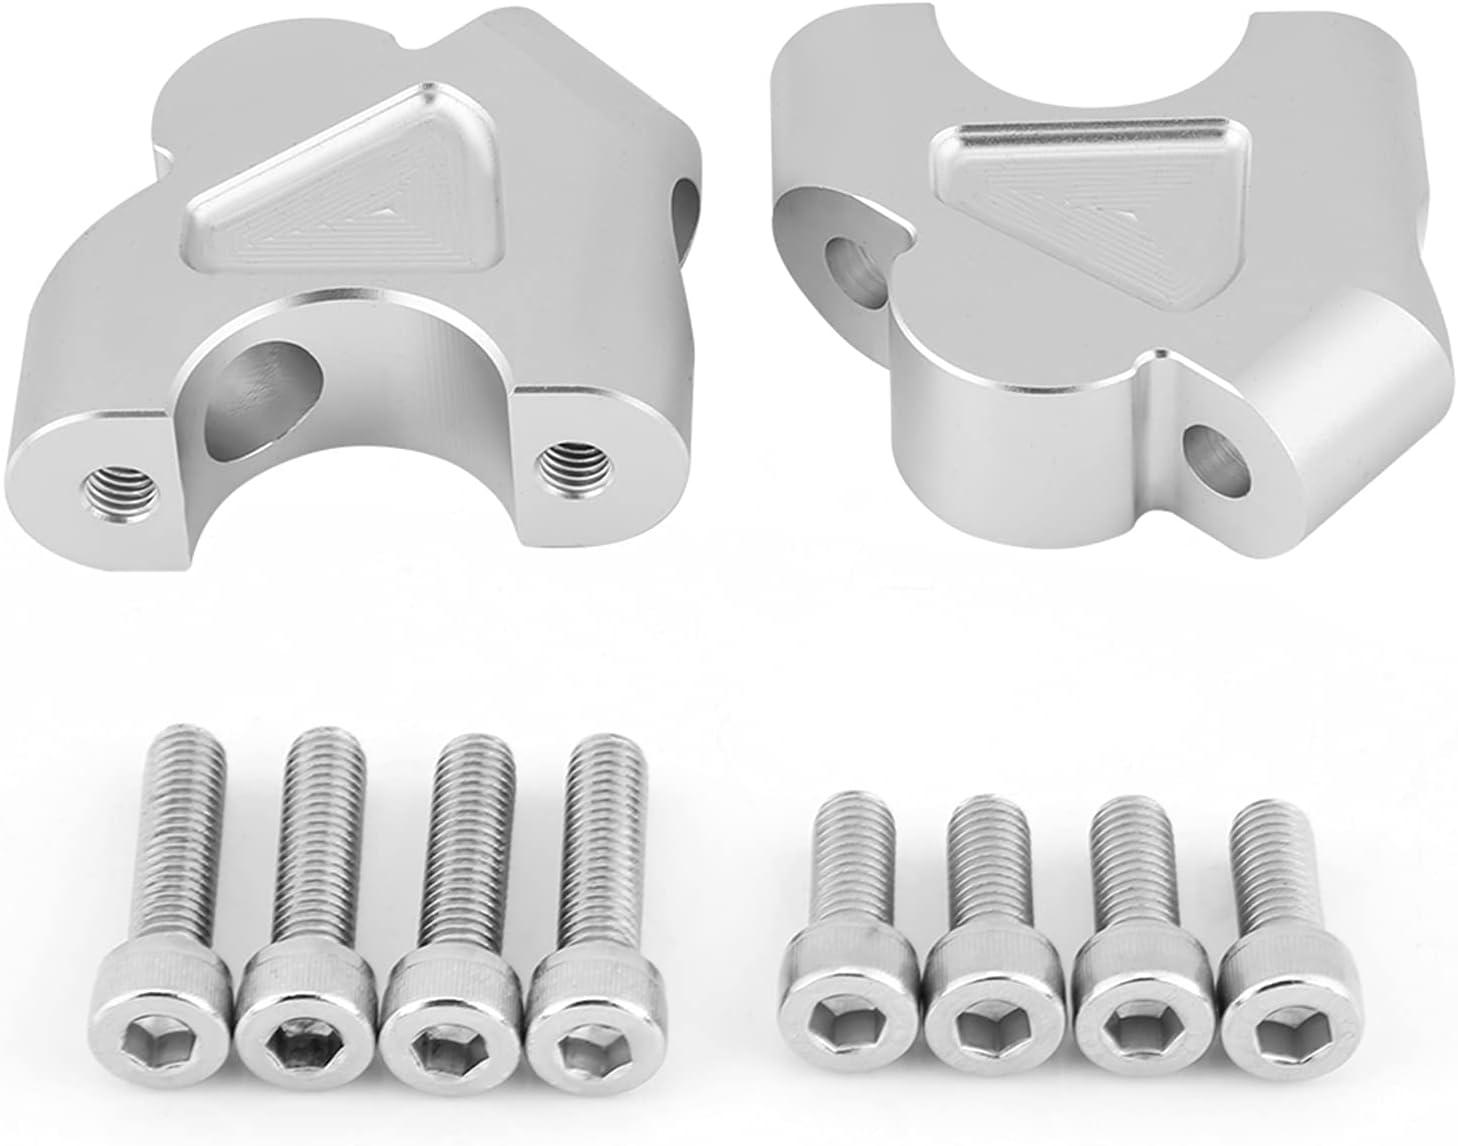 Handlebar Riser Low price Clamps Motorcycle Aluminum Japan Maker New CNC